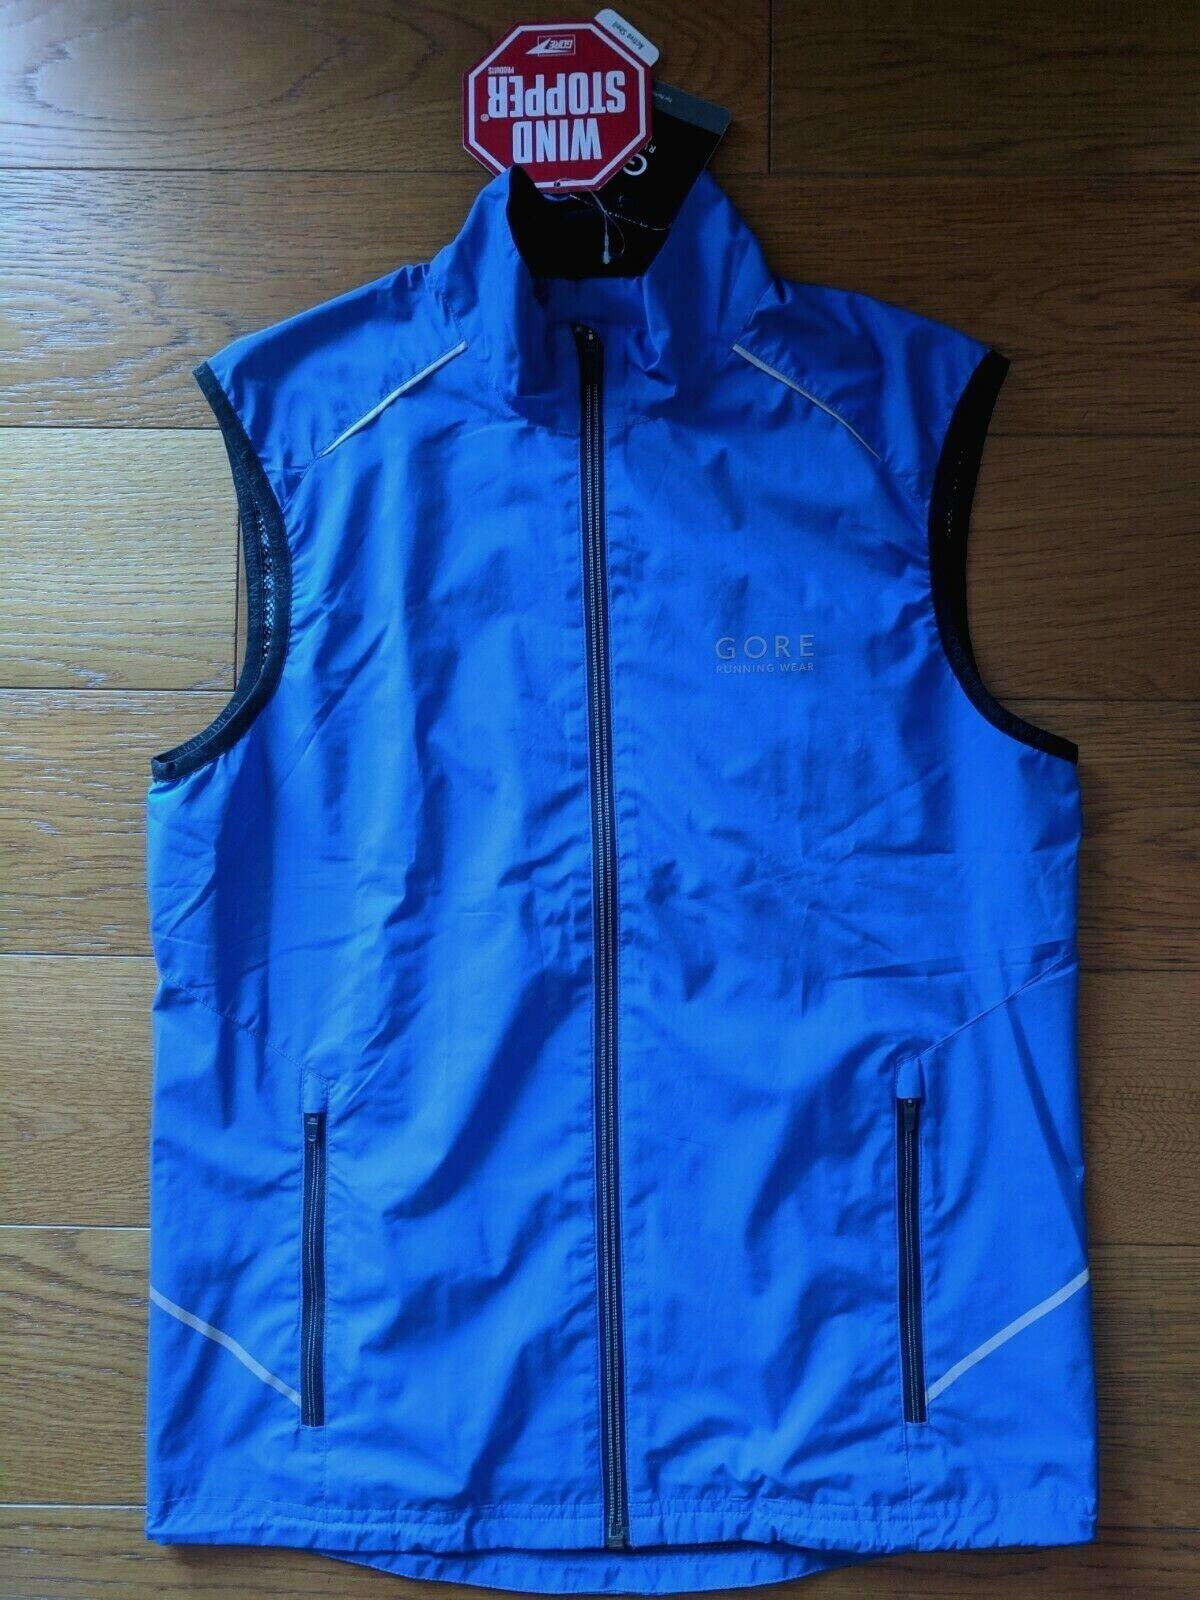 GORE RUNNING WEAR gilet gilet gilet corsa uomo giacca antivento windstopper Uomo jacket 89b18e